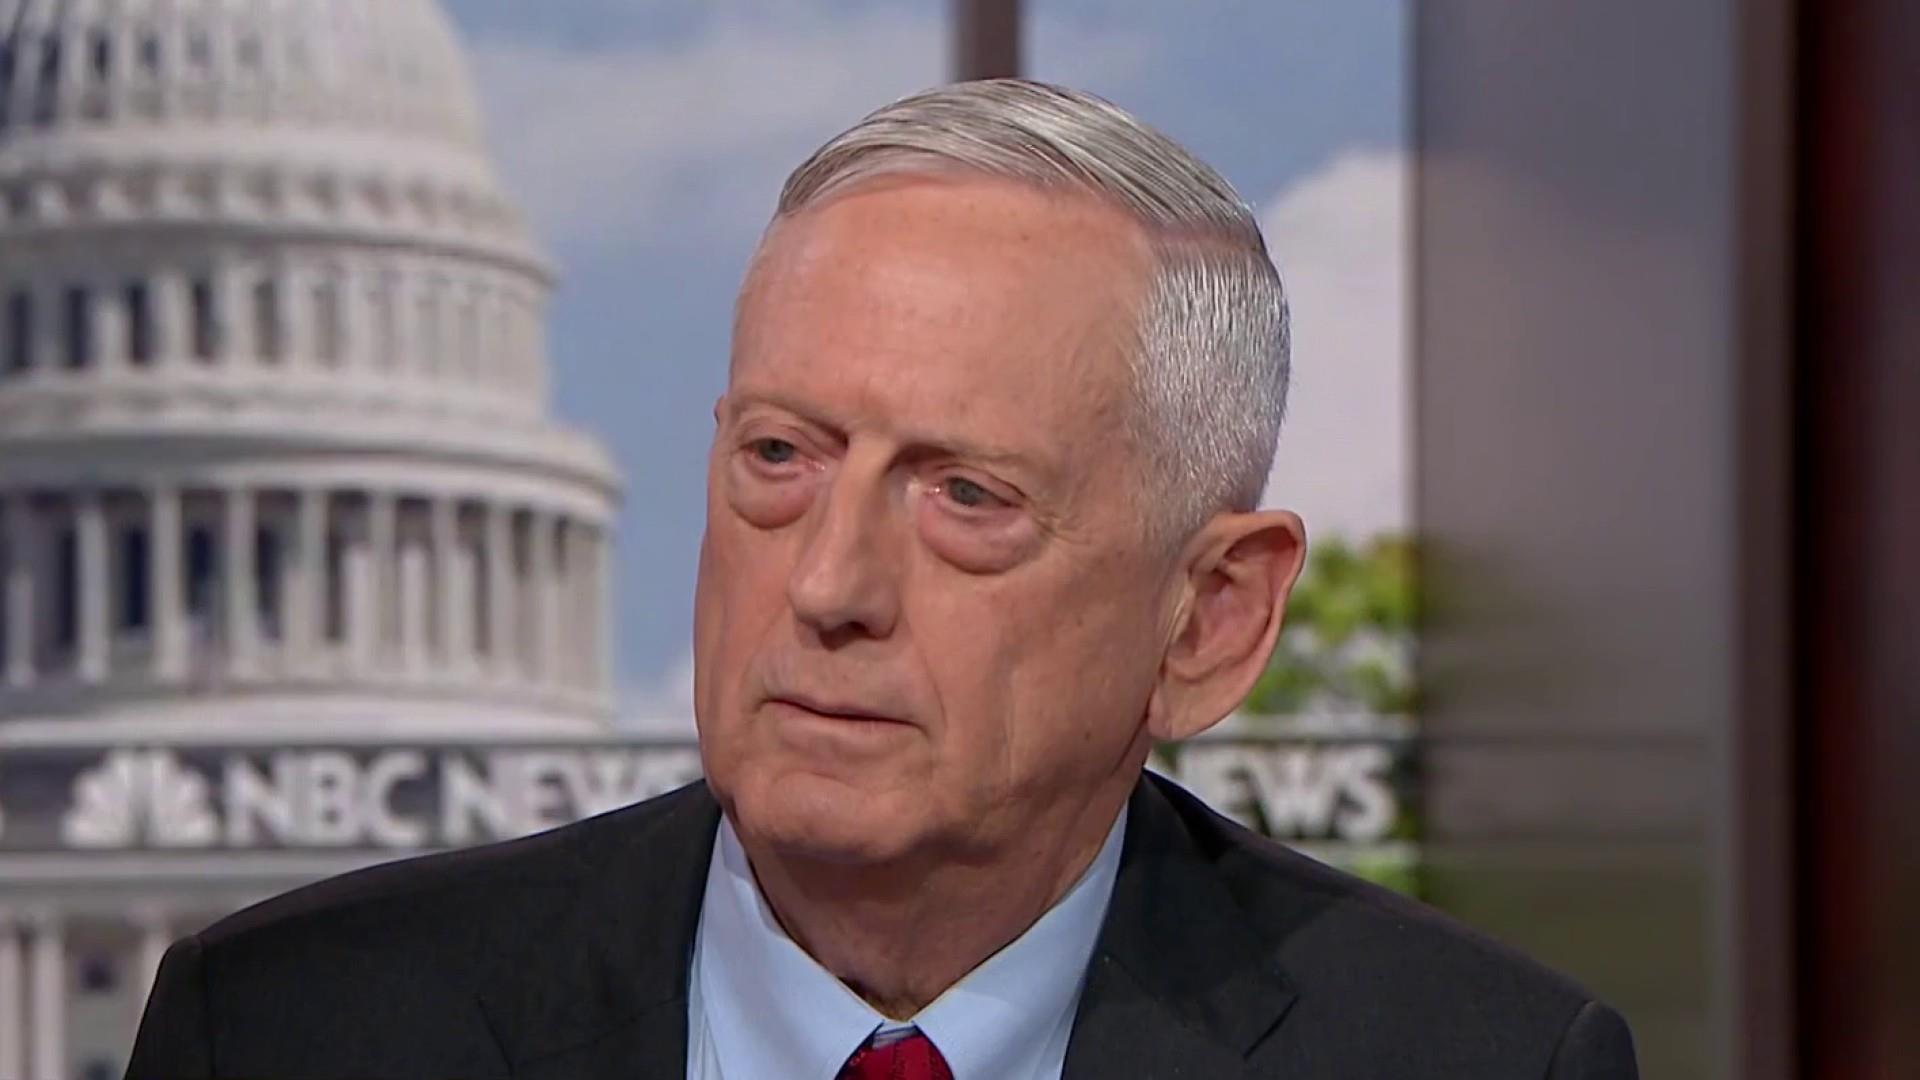 Gen. Jim Mattis on the 'enormous' challenge of pending peace deal between U.S., Taliban